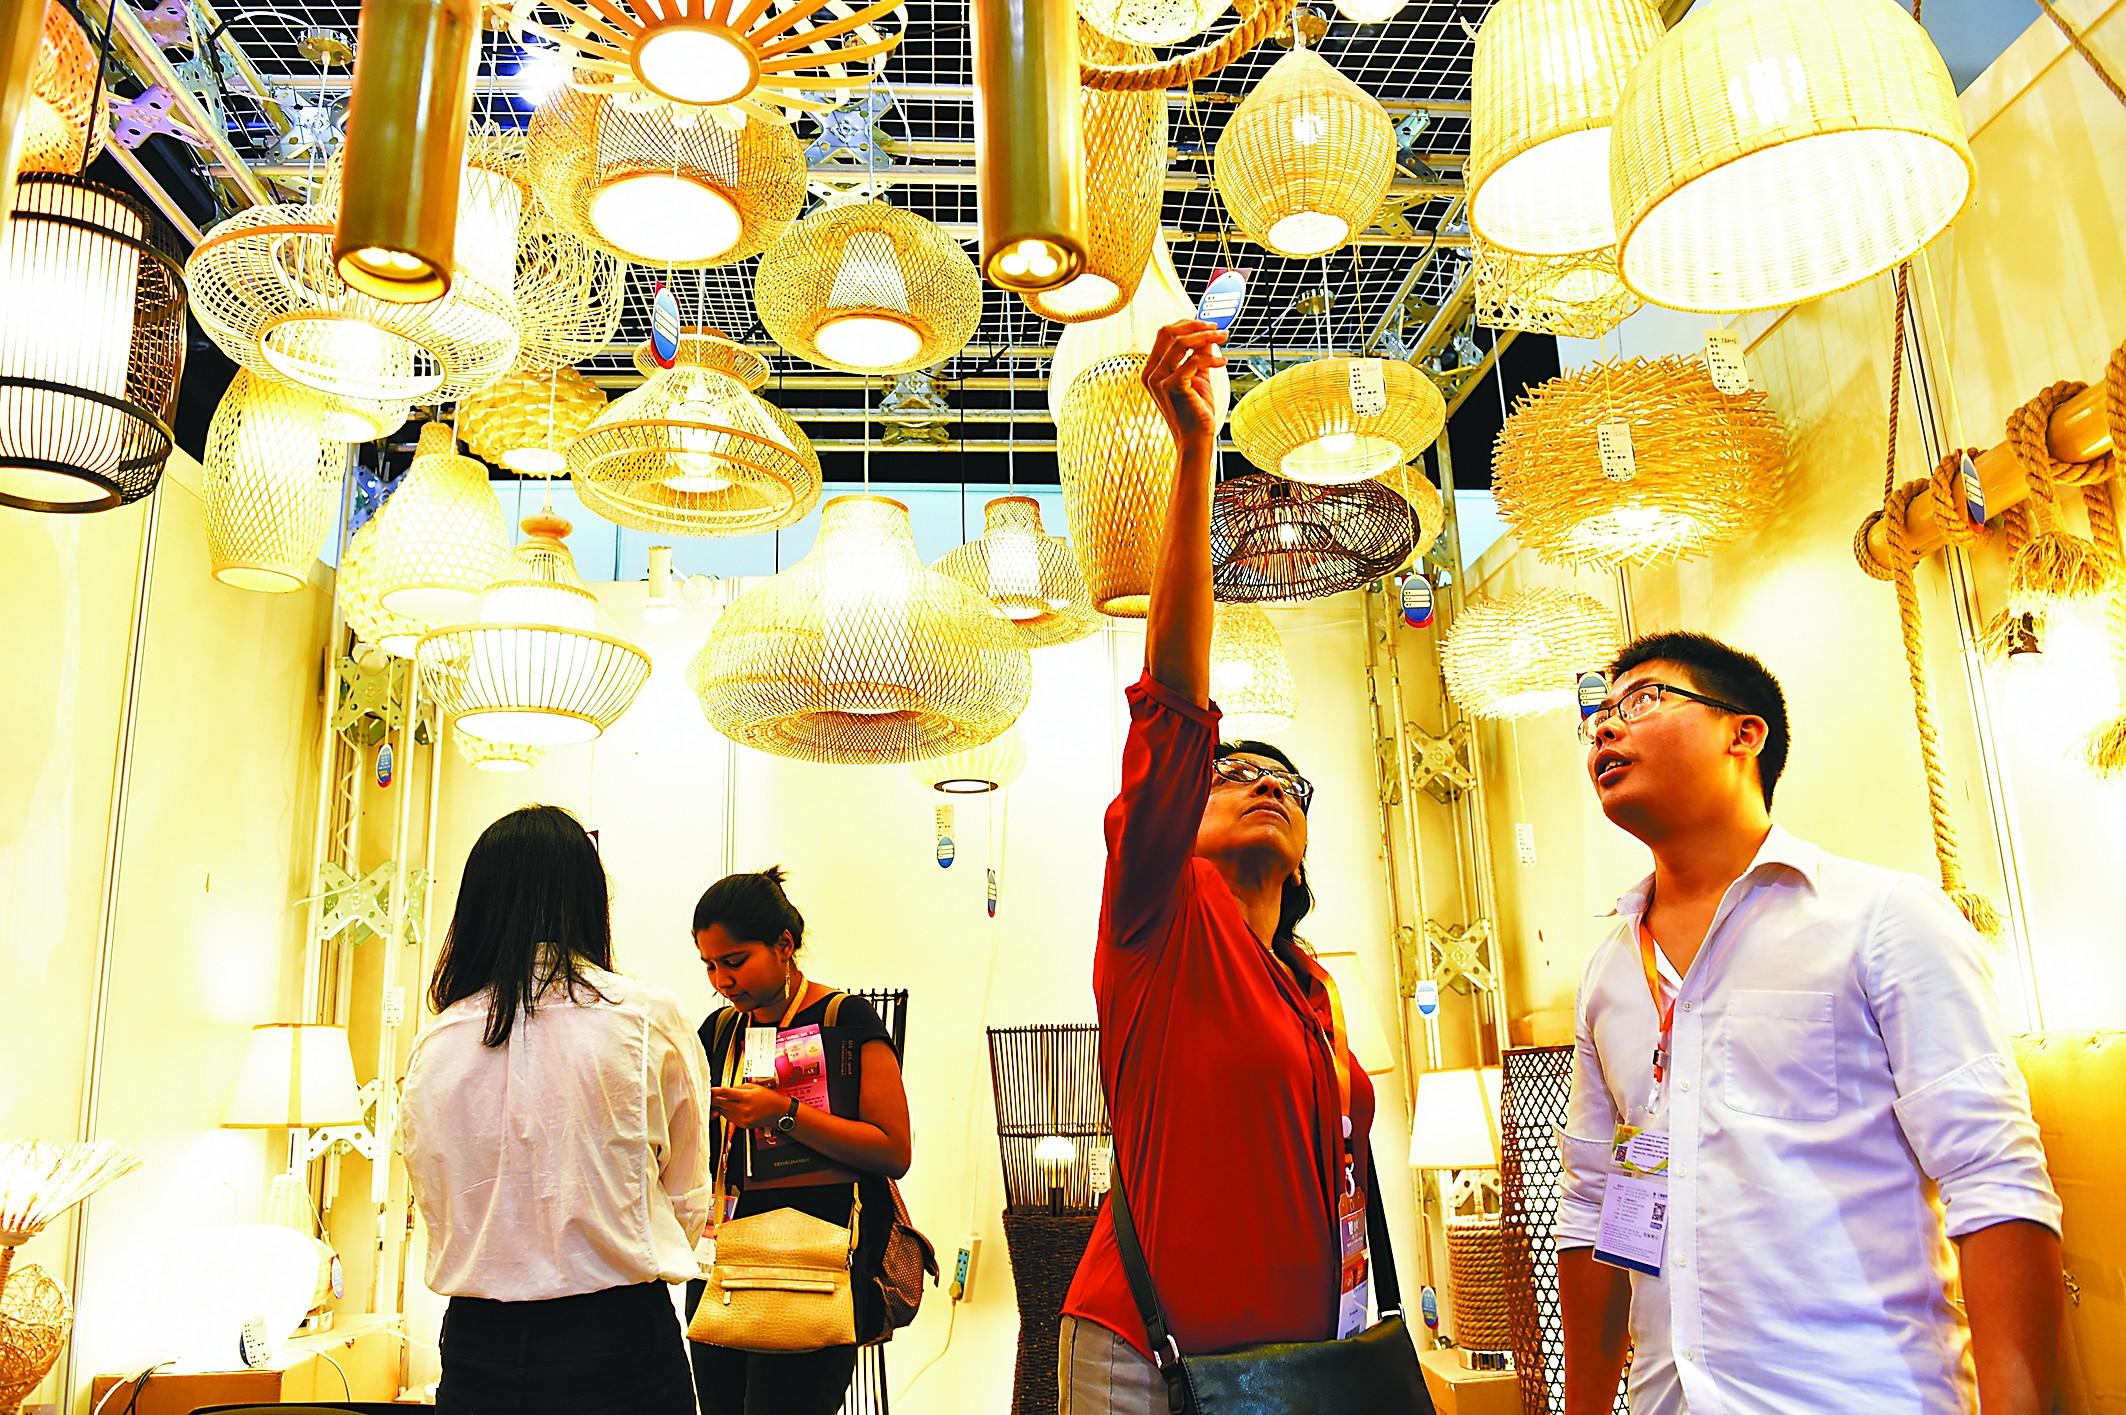 印度百姓对抵制中国货不买账 中企业务未受大影响